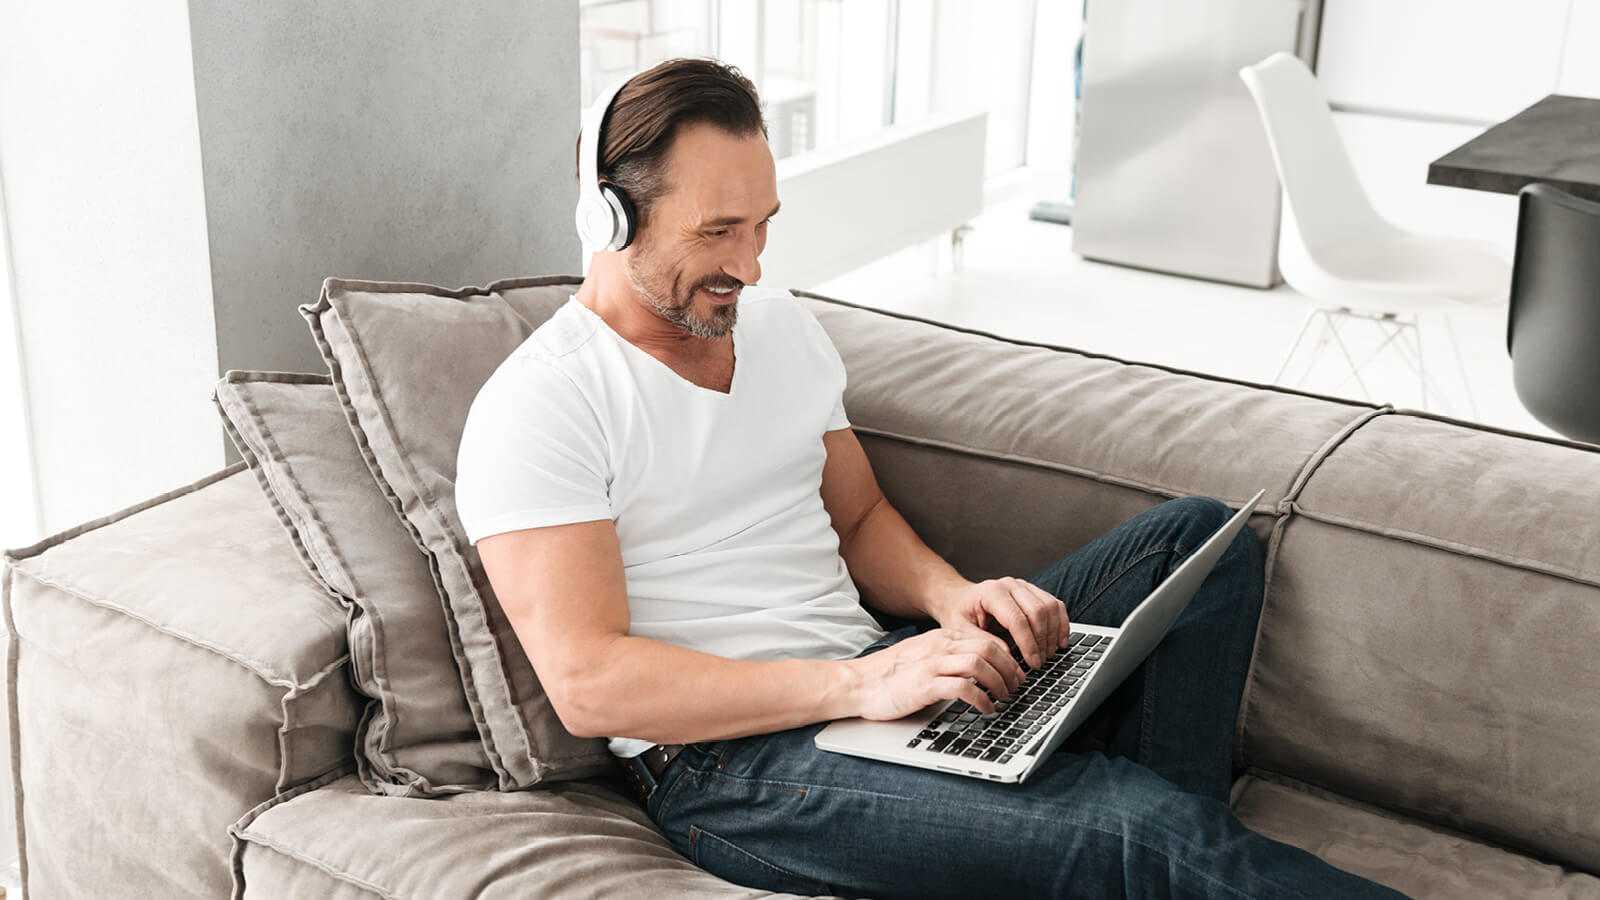 En mand der sidder hjemme i hans sofa og arbejder